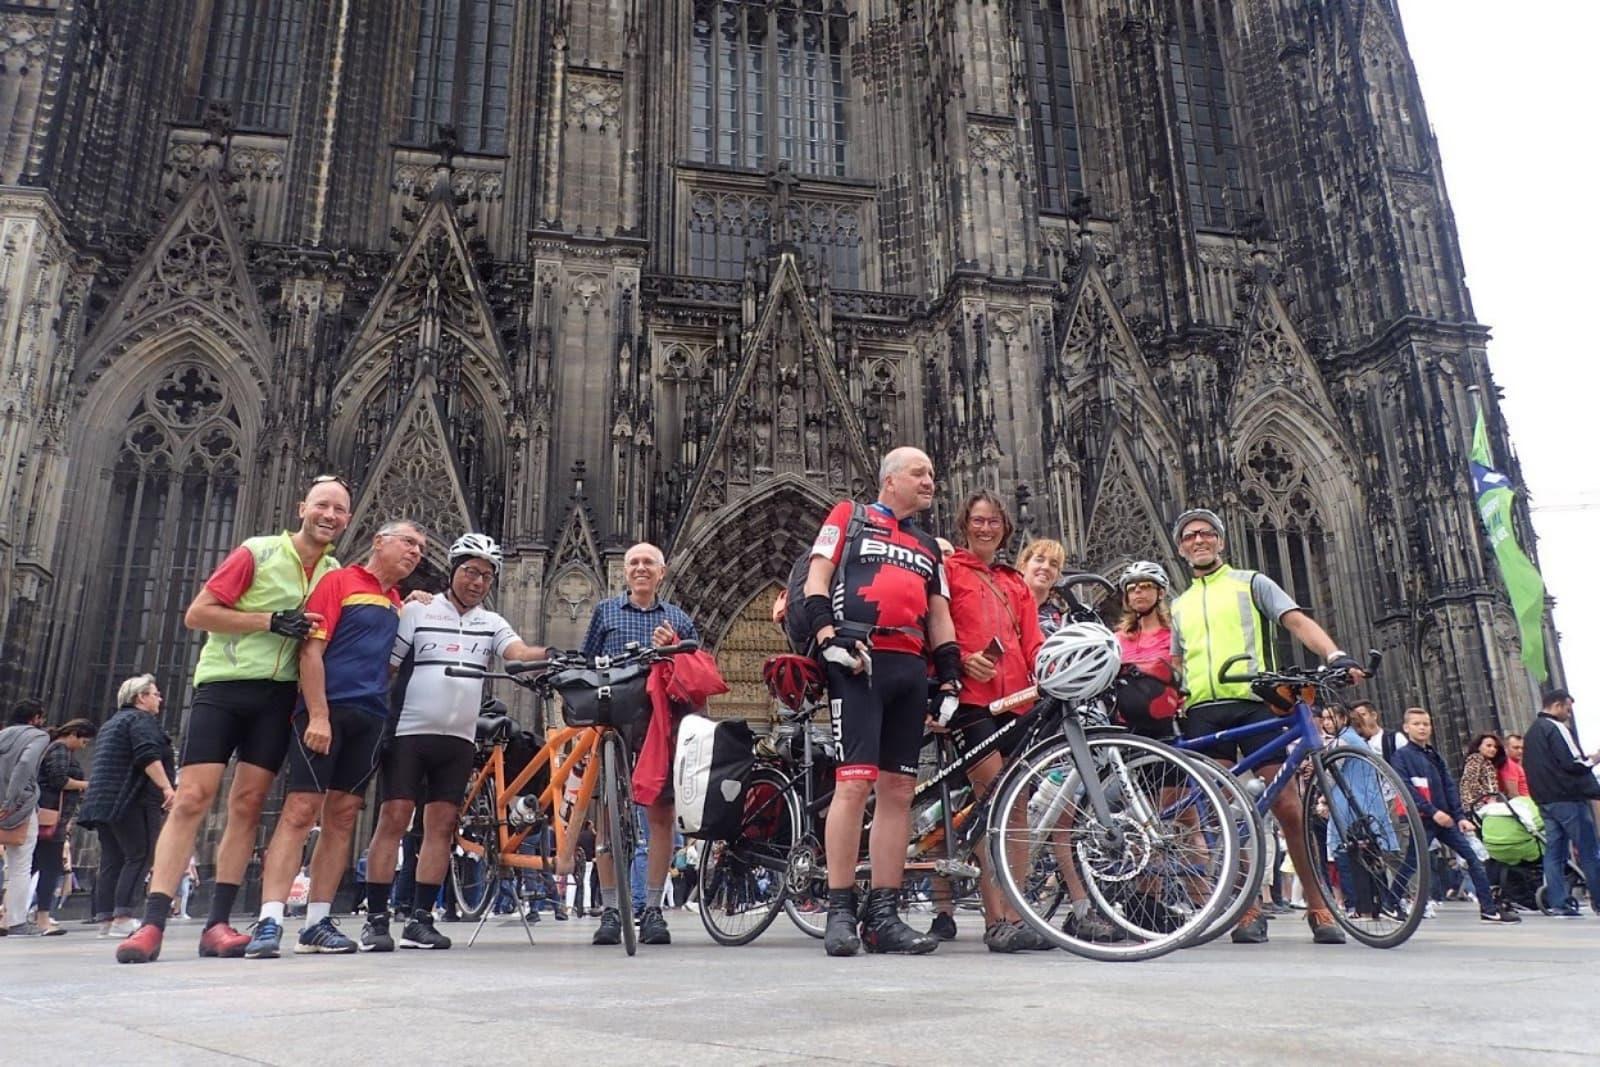 Devant la cathédrale de Cologne